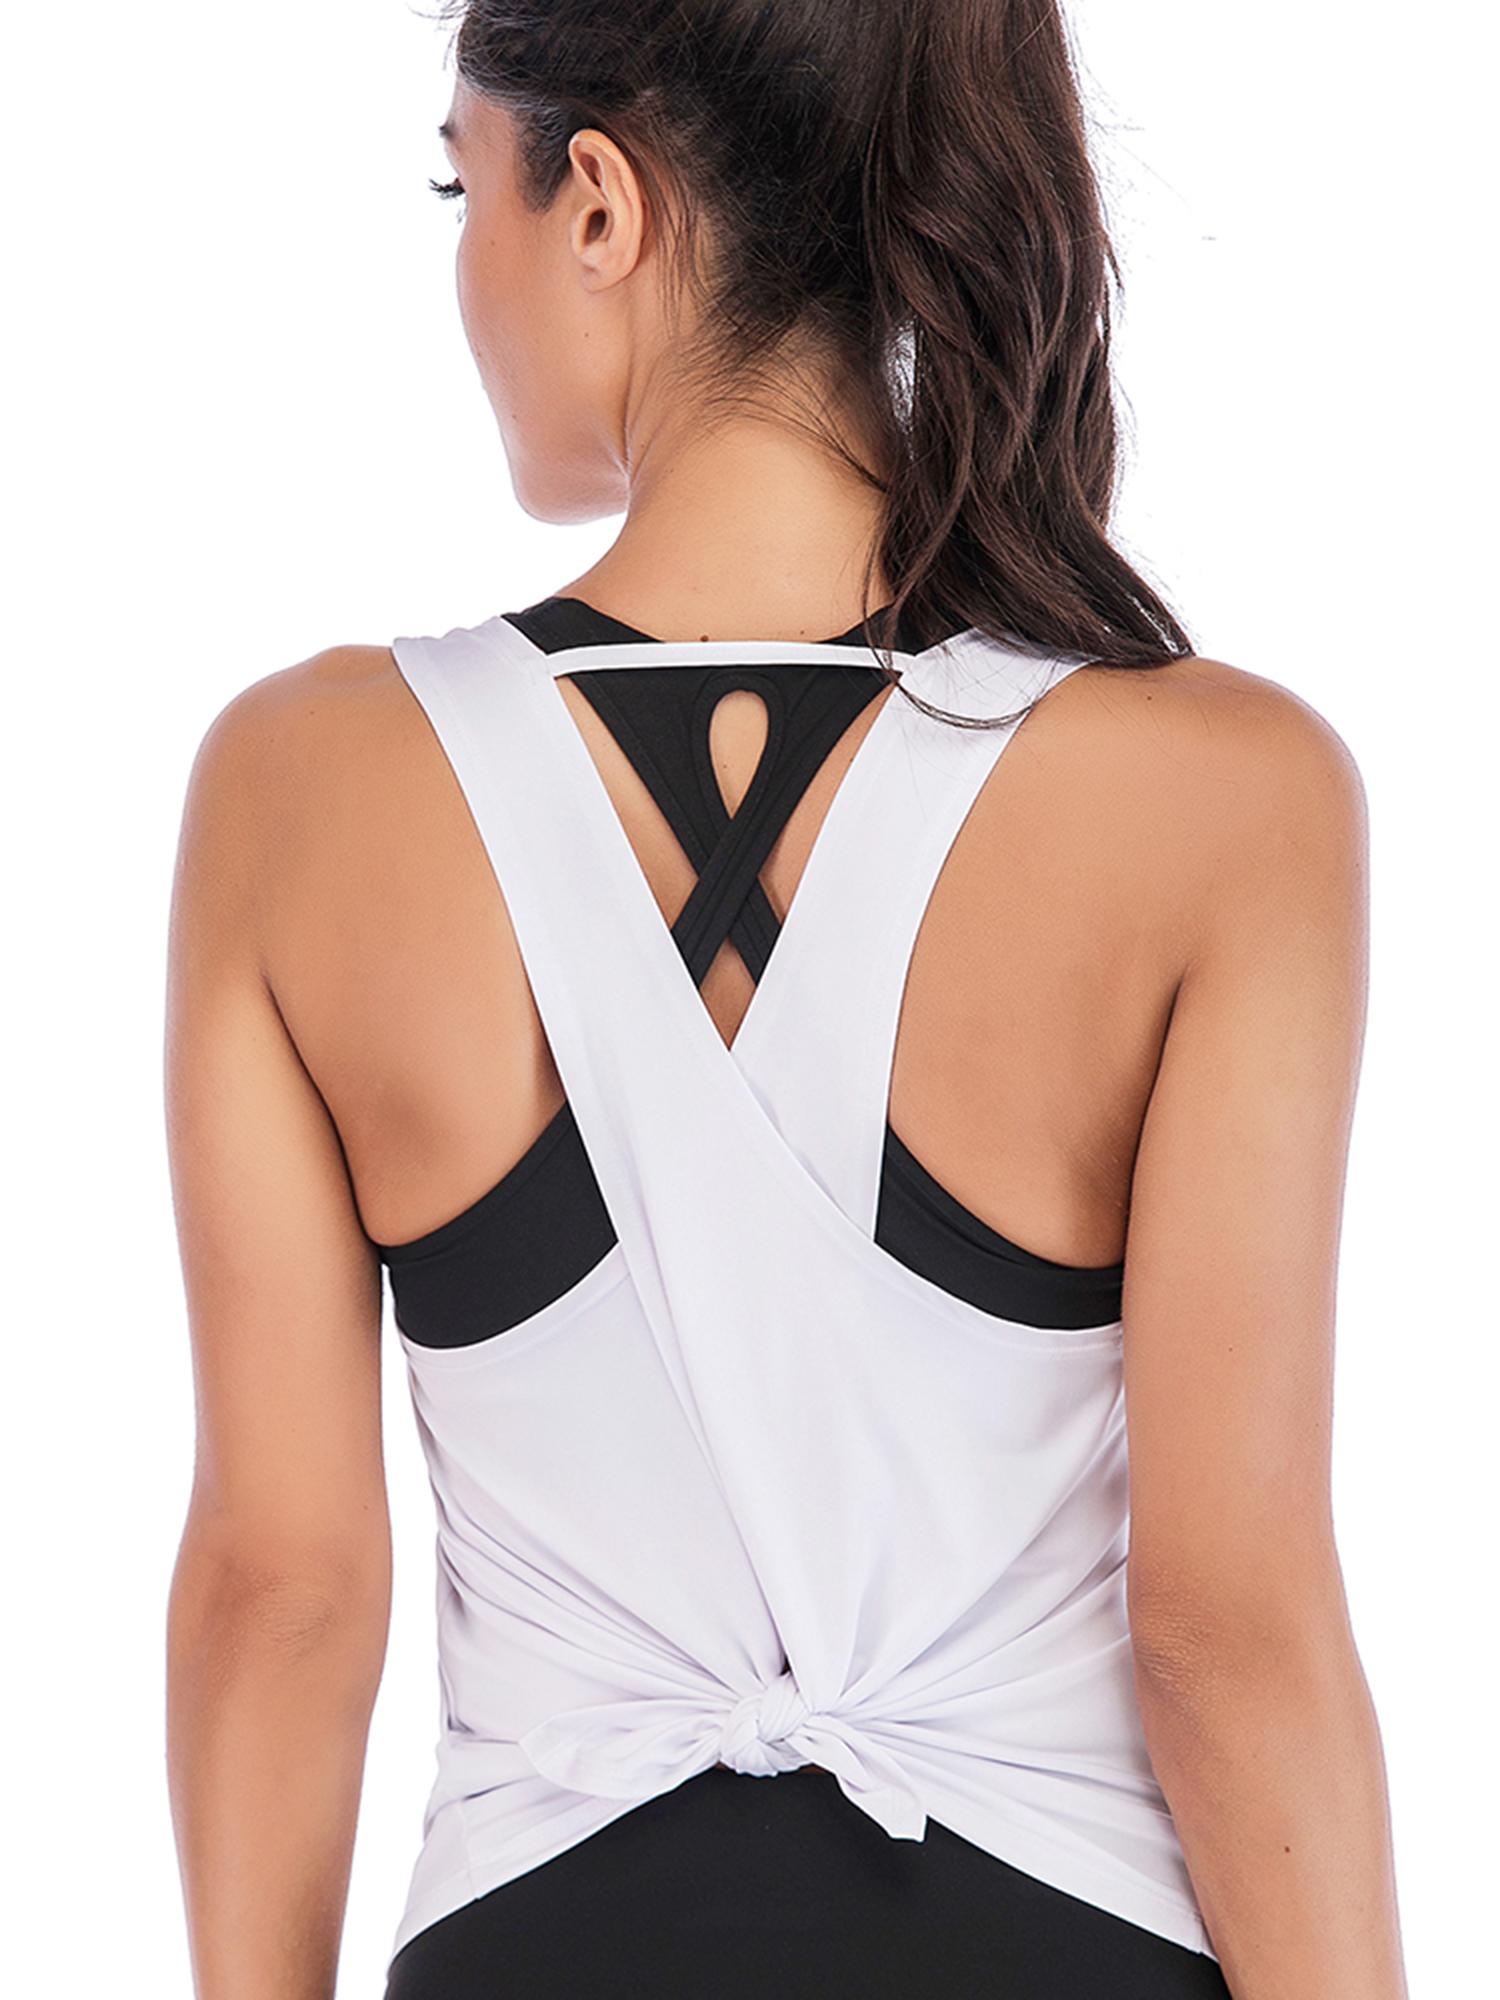 Dance Vest Cotton Vest Top Workout Top Scalloped Back Yoga Vest Blue Cotton Top Denim Blue FEEL FREE Yoga Top Loose Fit Yoga Vest Top